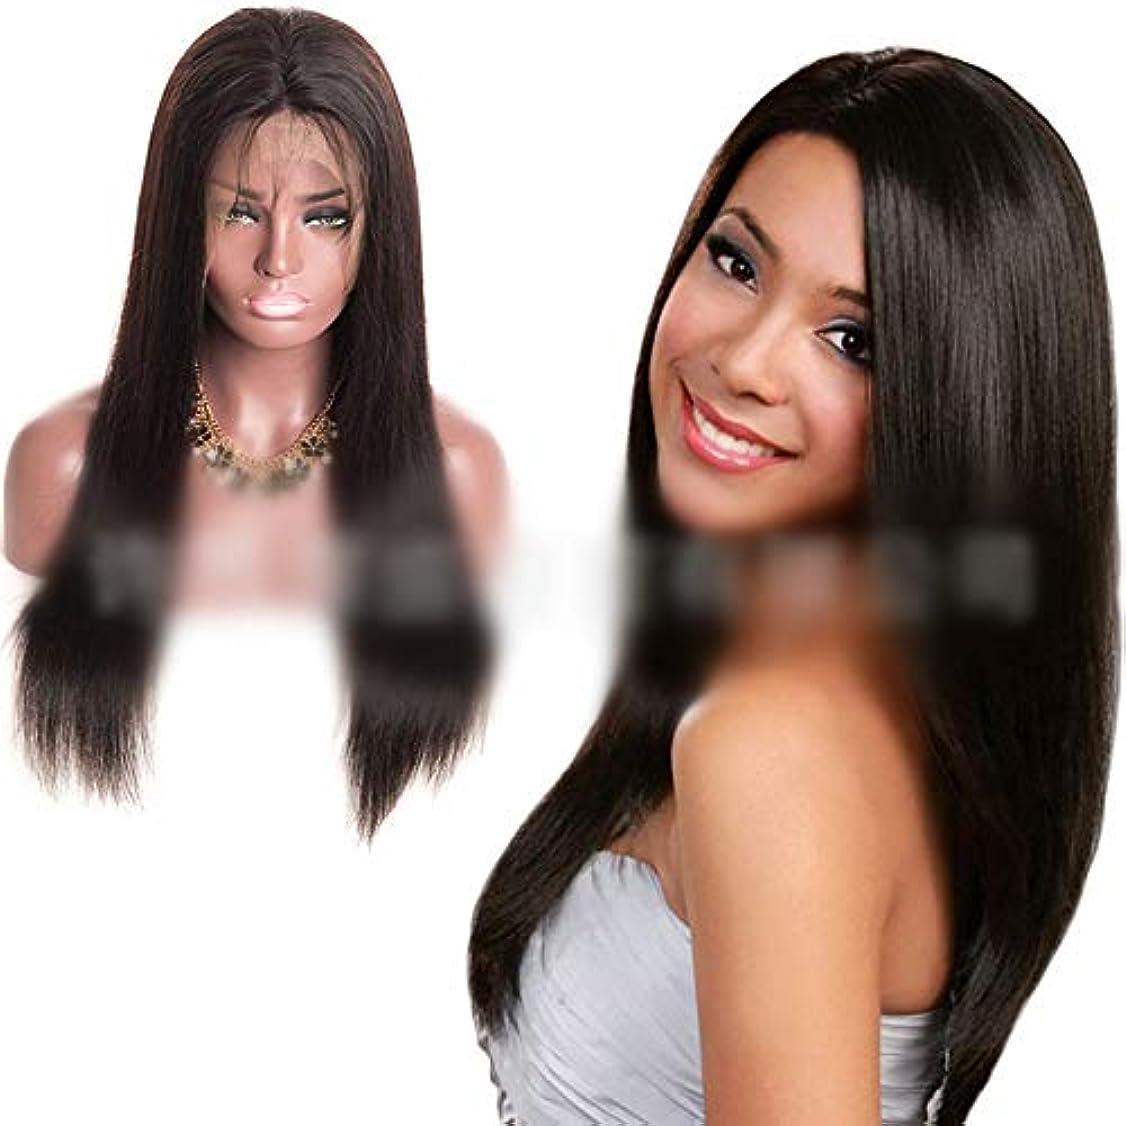 新鮮な活力爆発するWASAIO ナチュラルカラー手織り長い曲がっていない髪型トータルアクセサリースタイル交換用レースフロント人間のかつら女性8